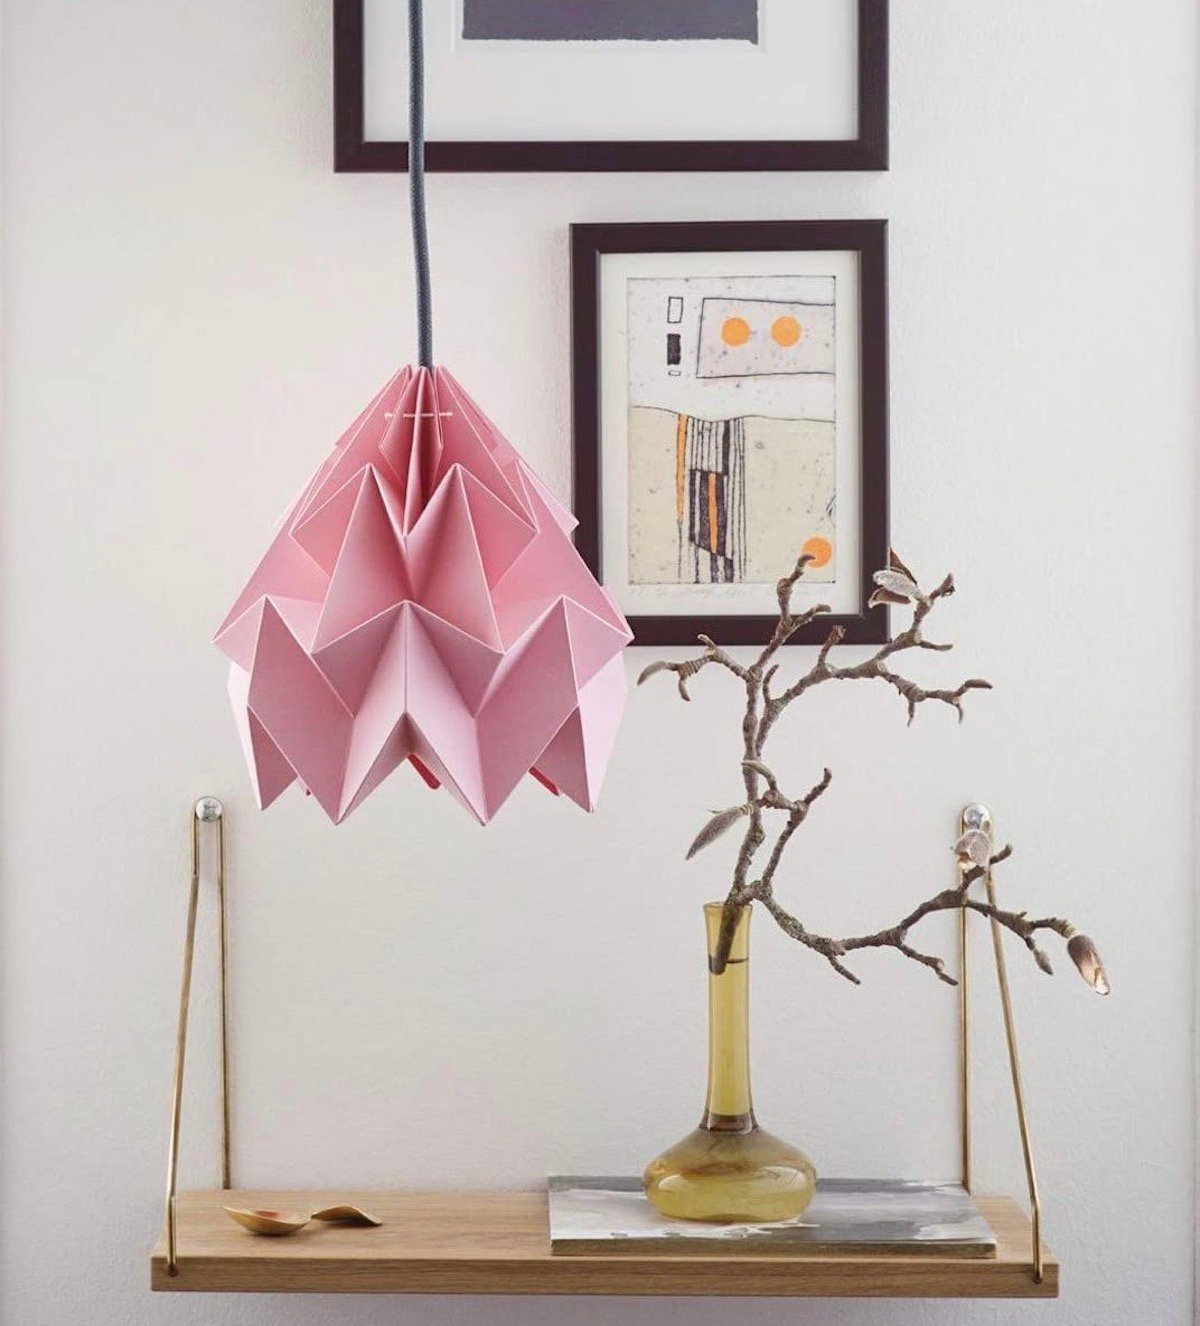 suspension rose papier article du plissage étagère bois - blog déco - clematc